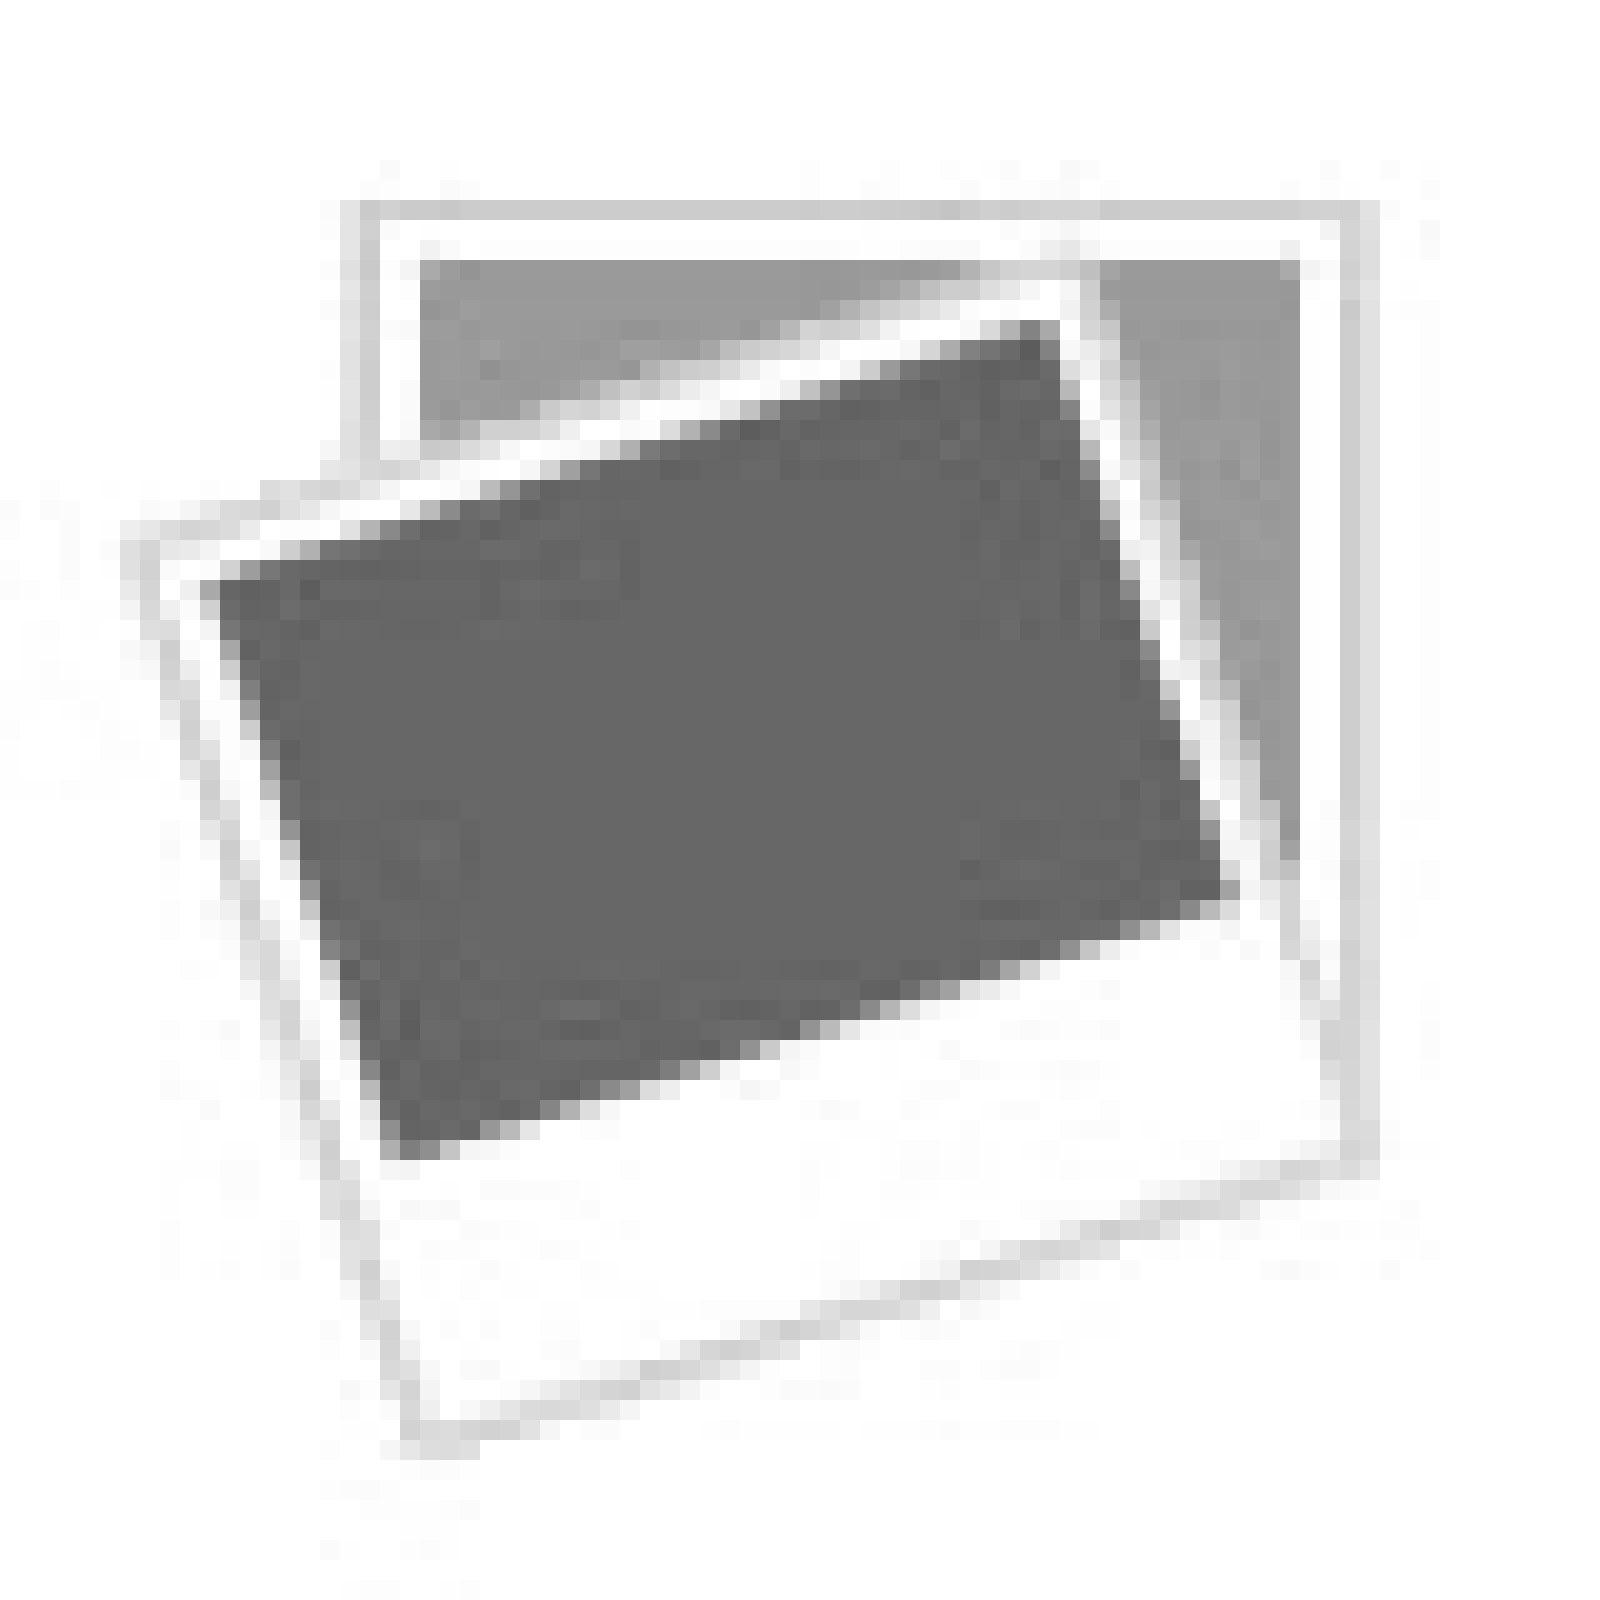 Nakamoto Rear Premium Posi Metallic Disc Brake Pads Pair Set for